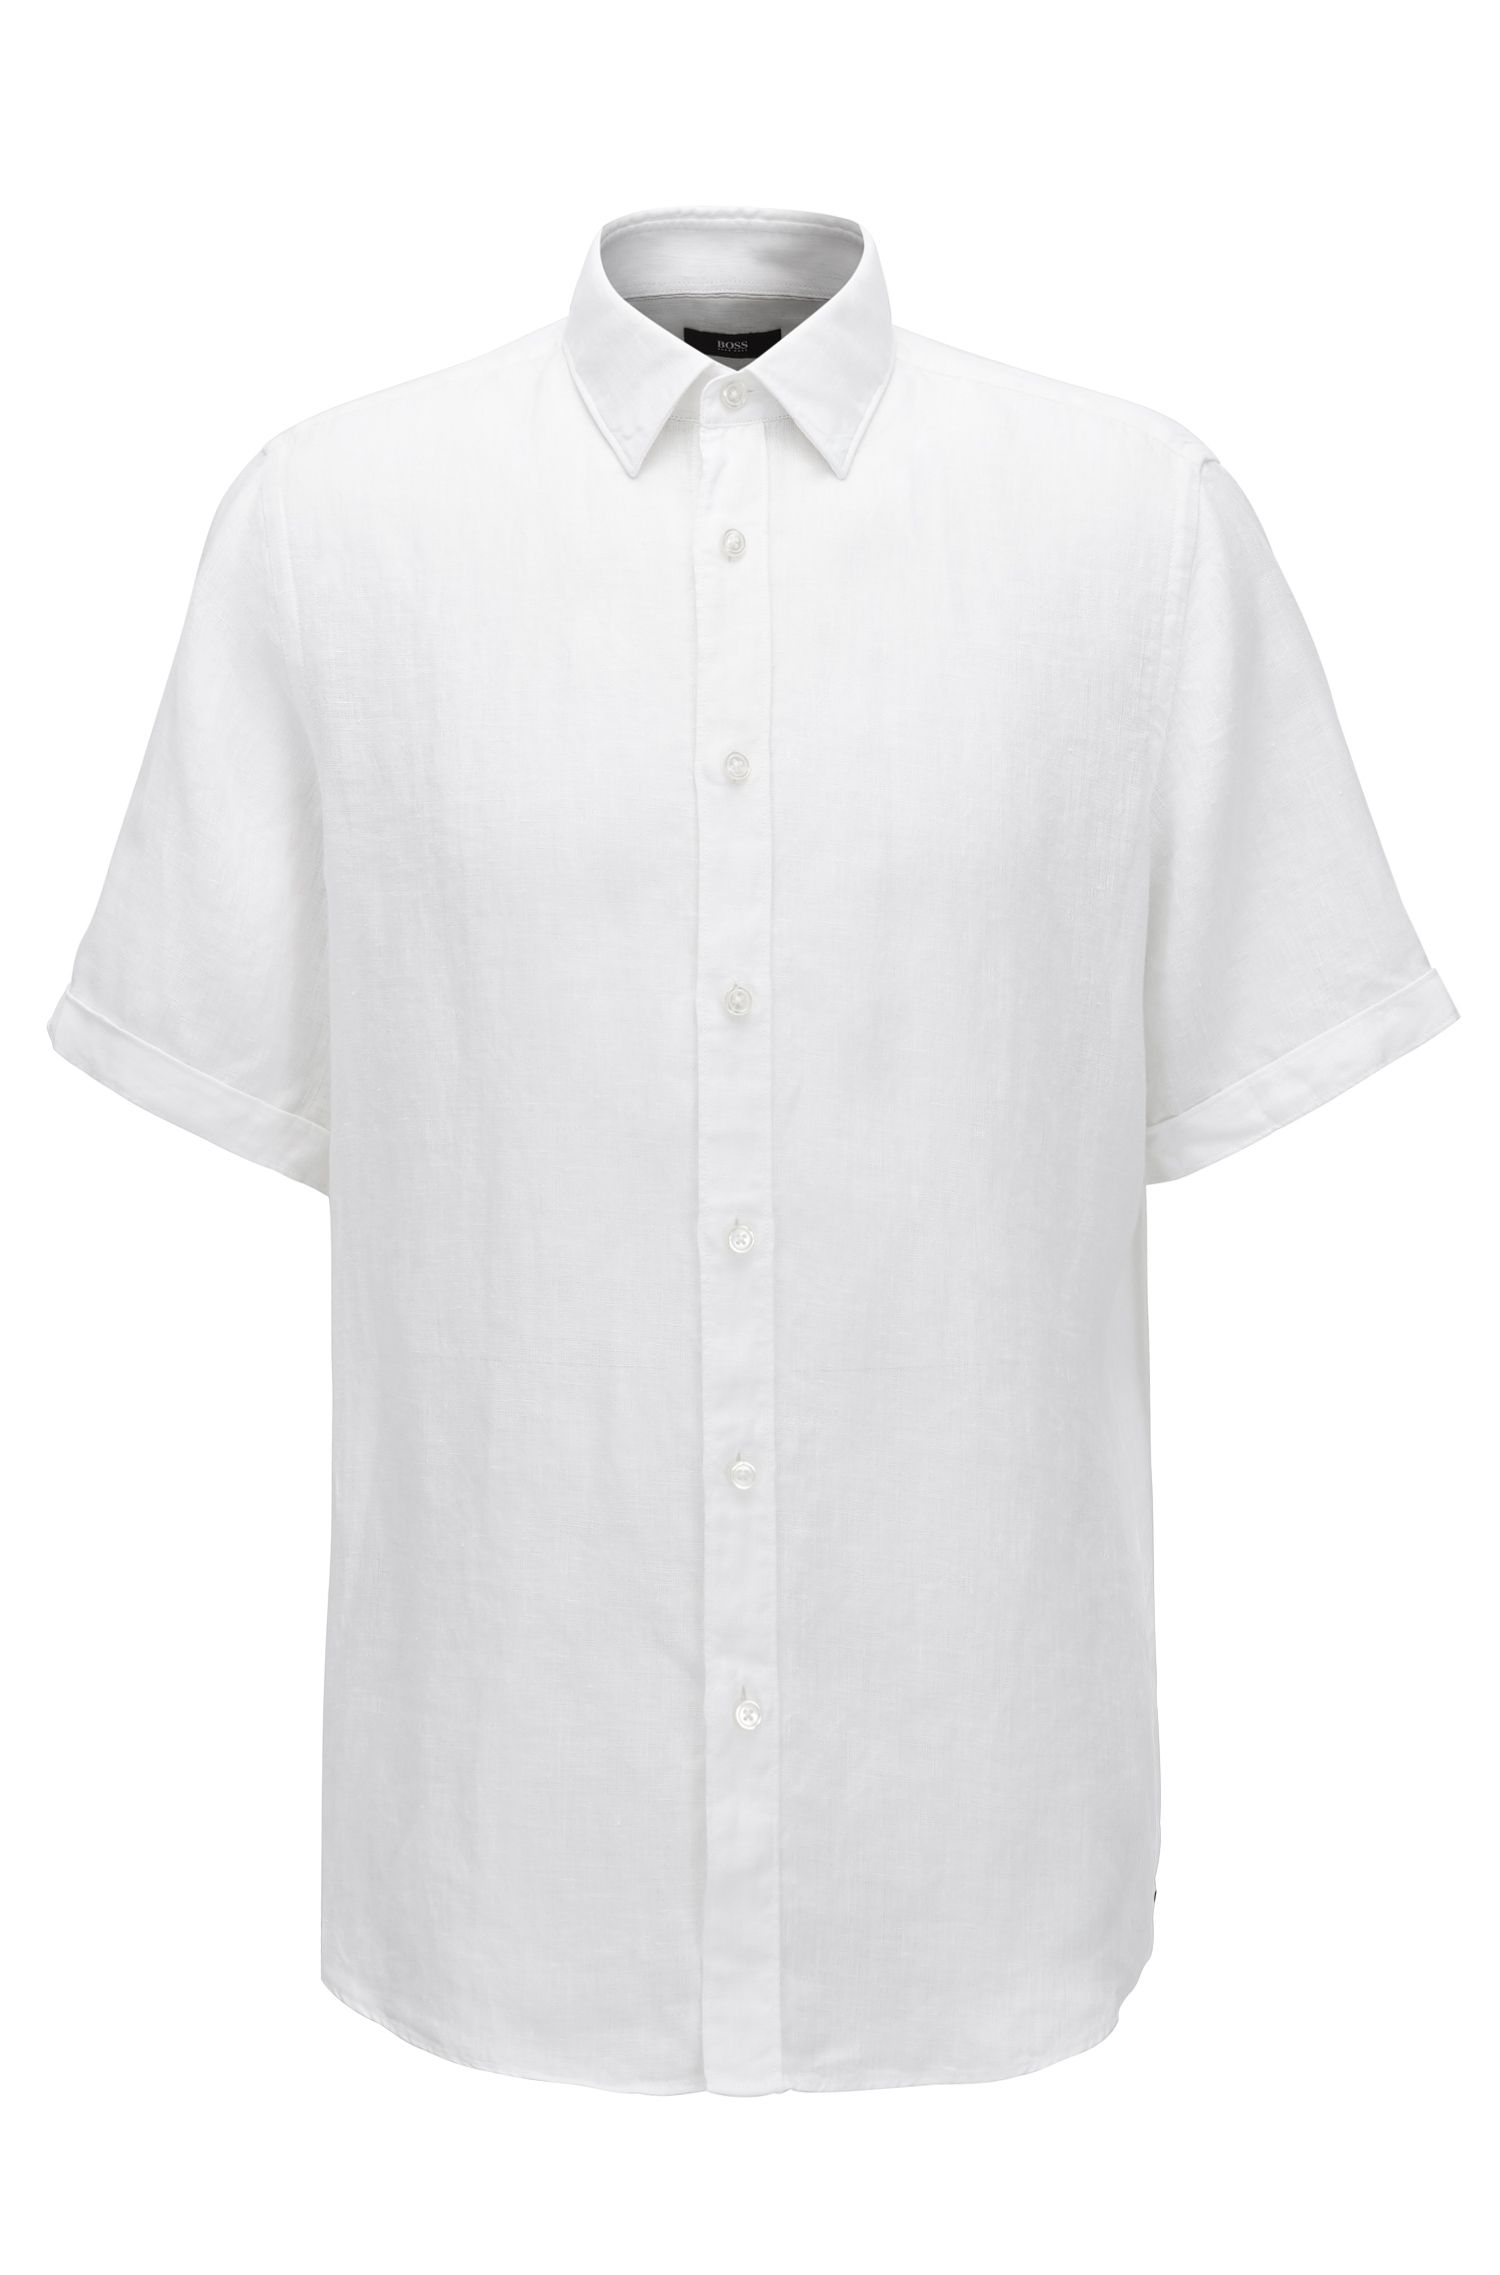 Regular-fit overhemd met korte mouwen in gewassen Italiaans linnen